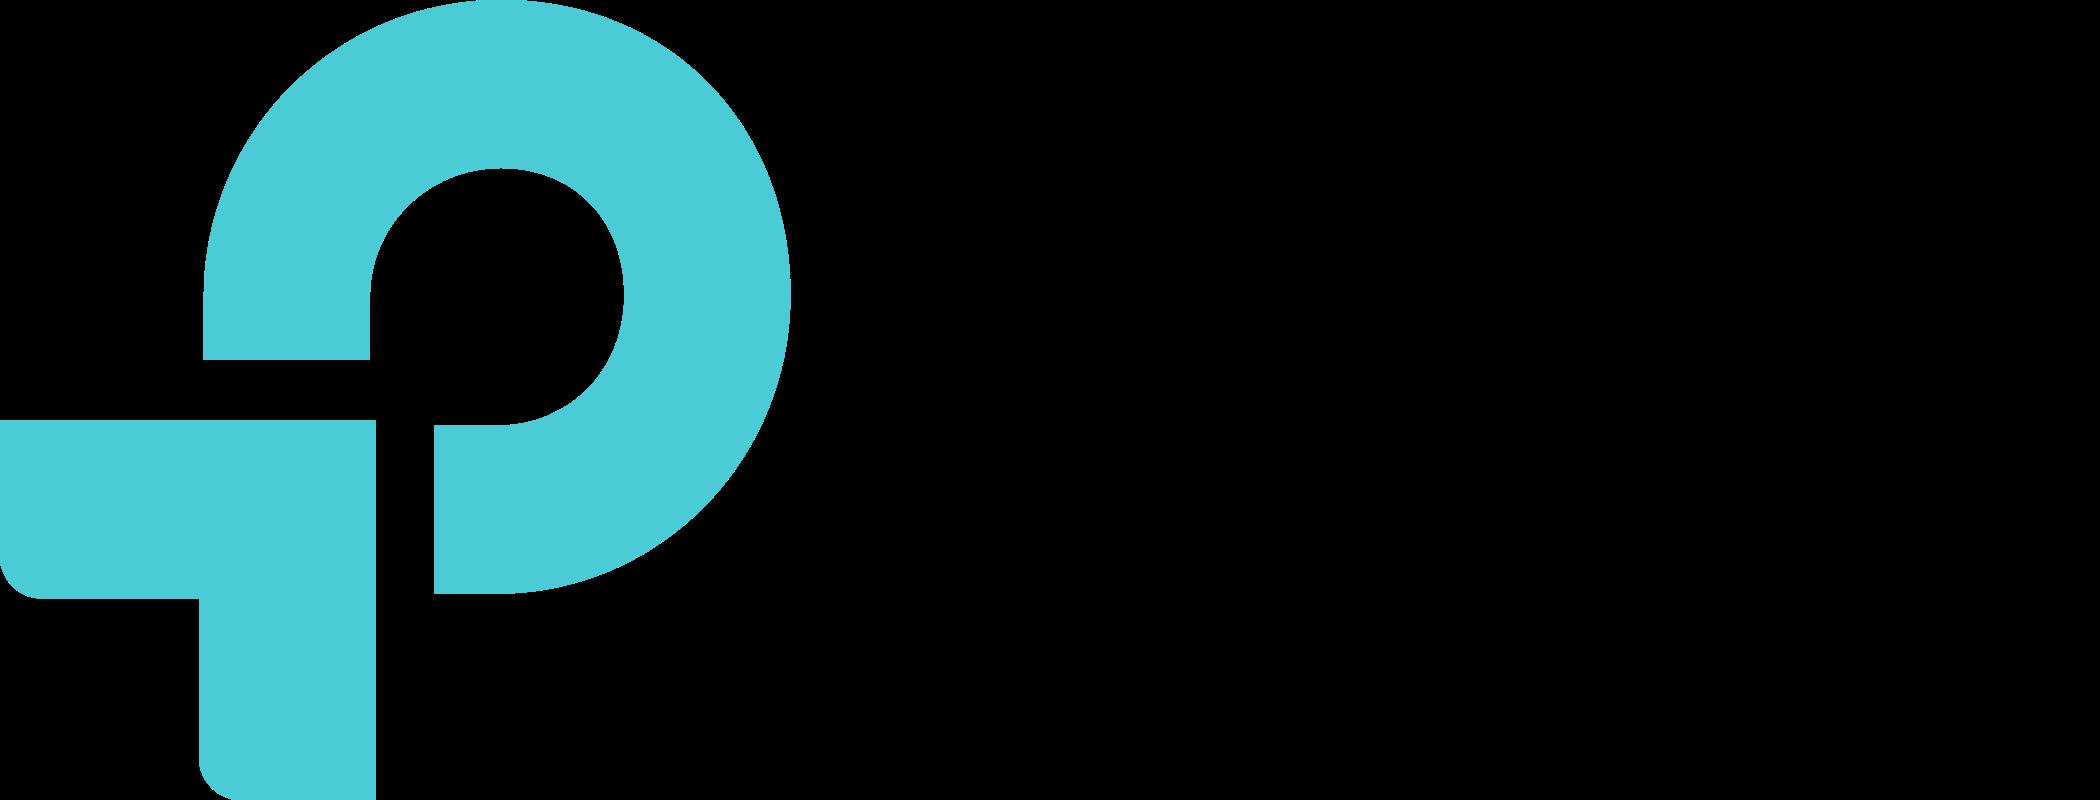 Archivo:Tp-Link logo 2016.png - Wikipedia, la enciclopedia libre